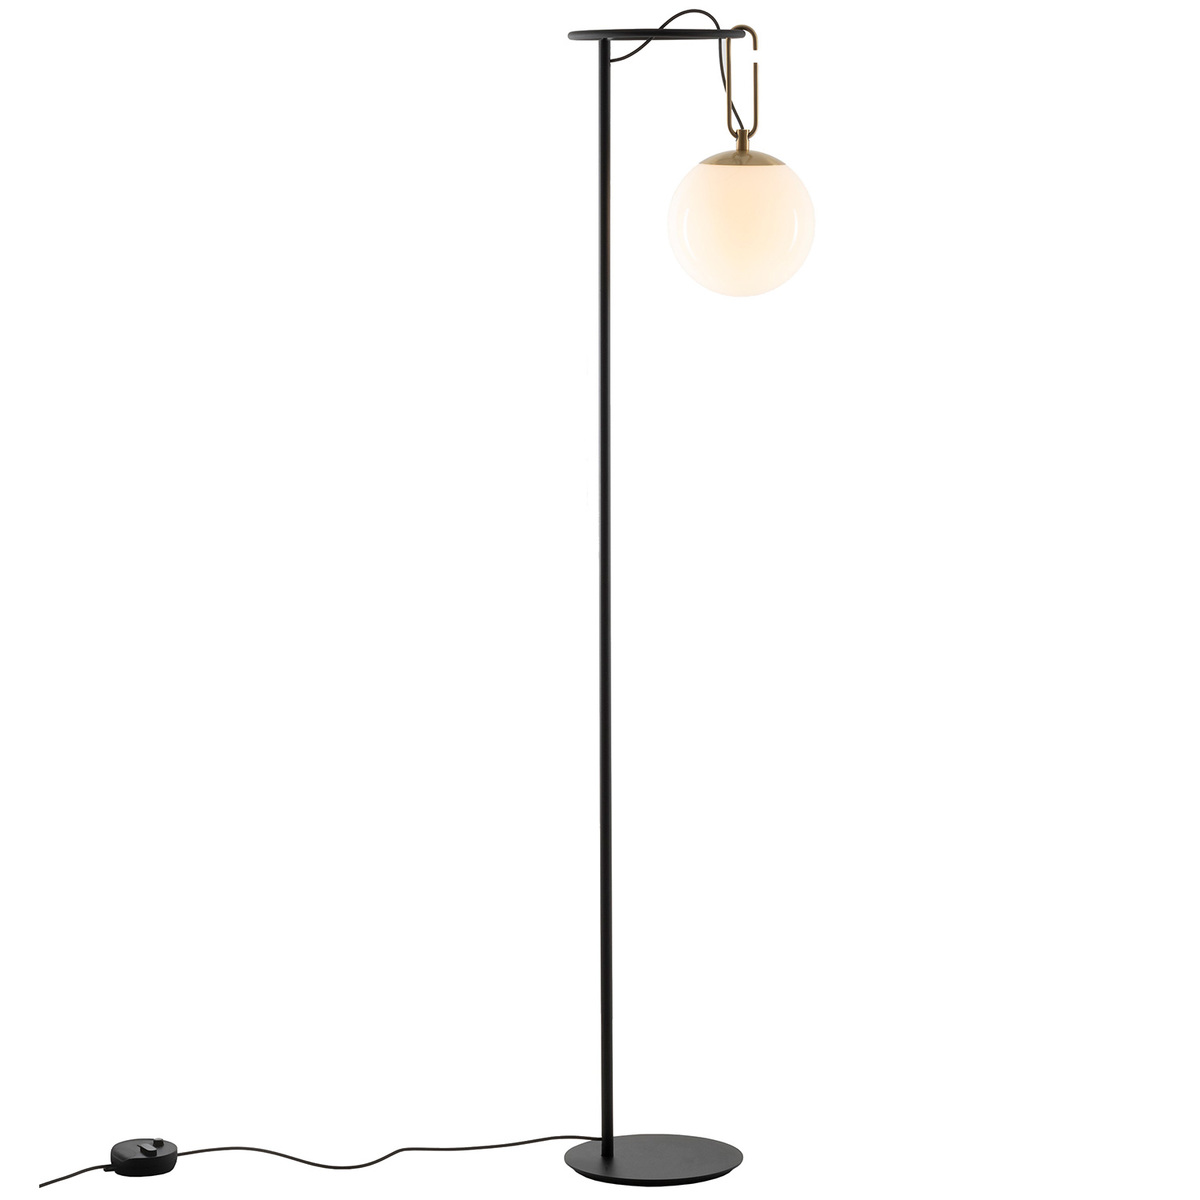 Artemide Nh 22 Floor Lamp